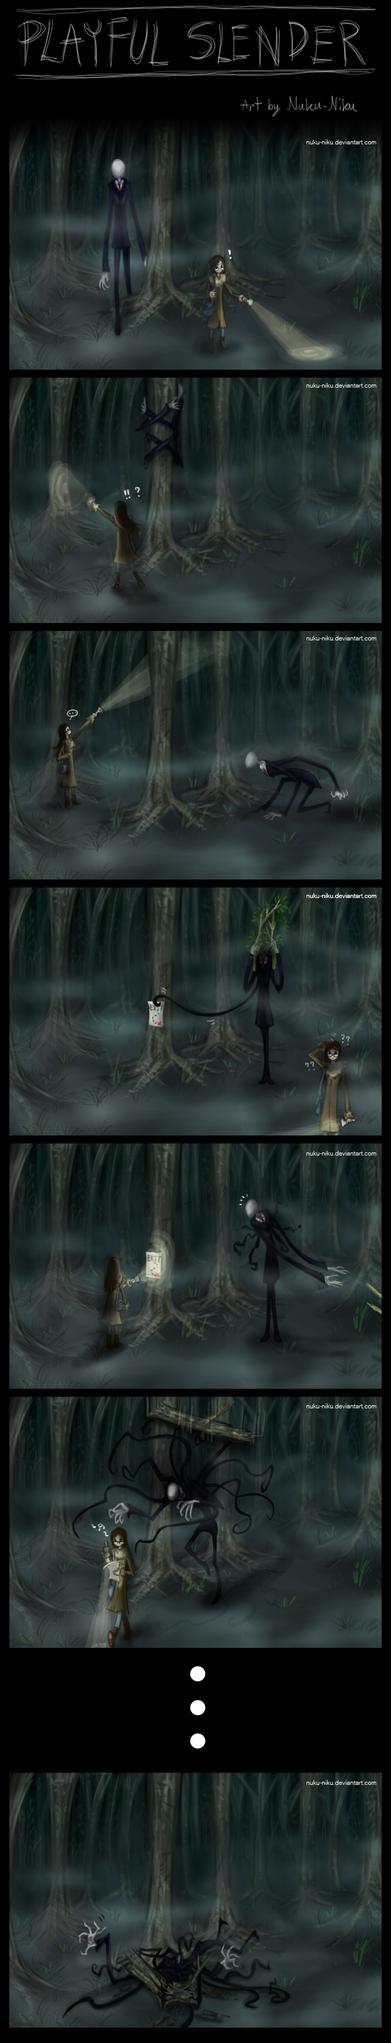 Playful Slender by Nuku-Niku